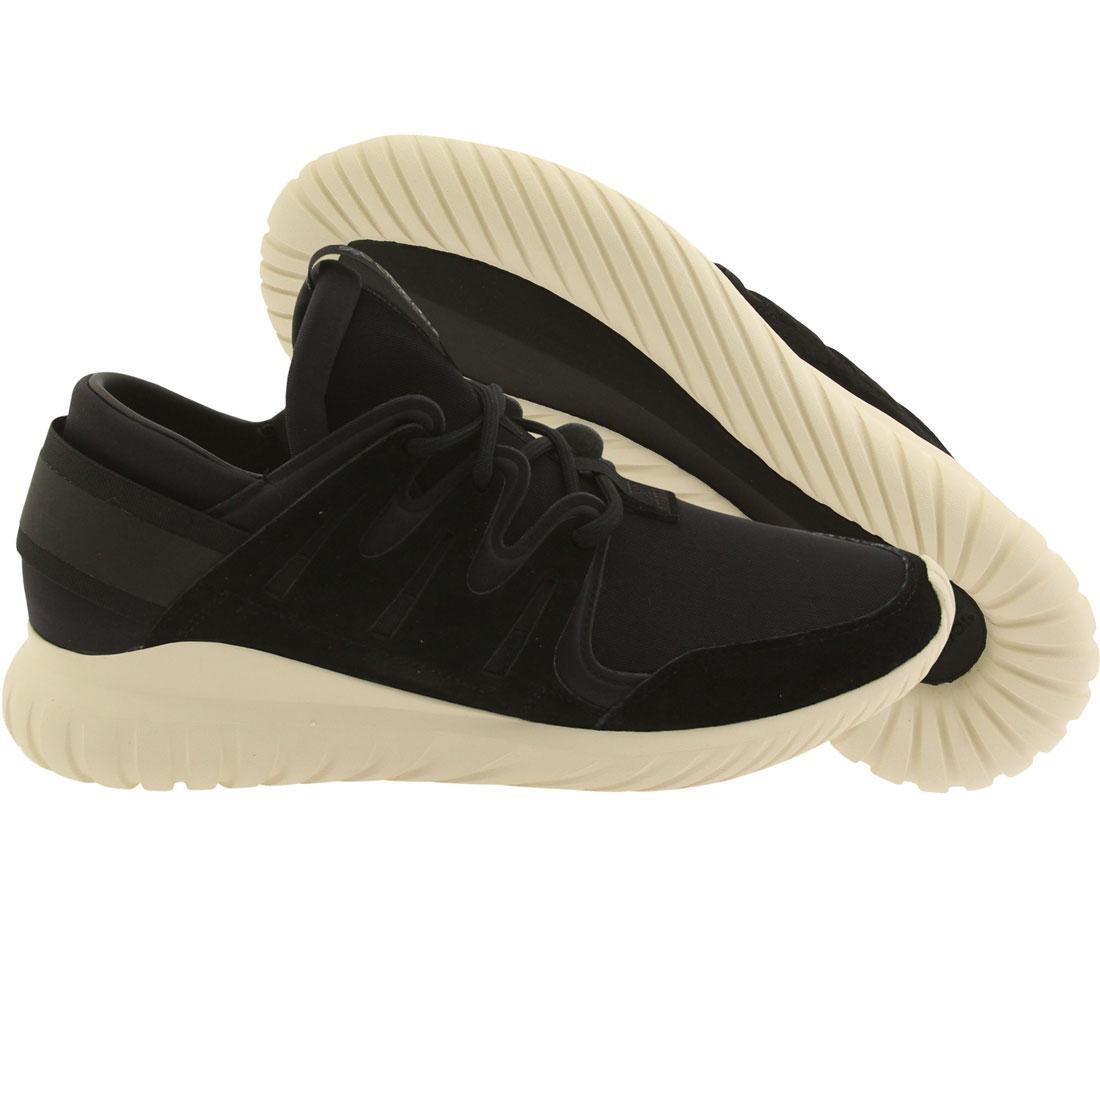 【海外限定】アディダス 靴 メンズ靴 【 ADIDAS MEN TUBULAR NOVA BLACK CBLACK WHITE 】